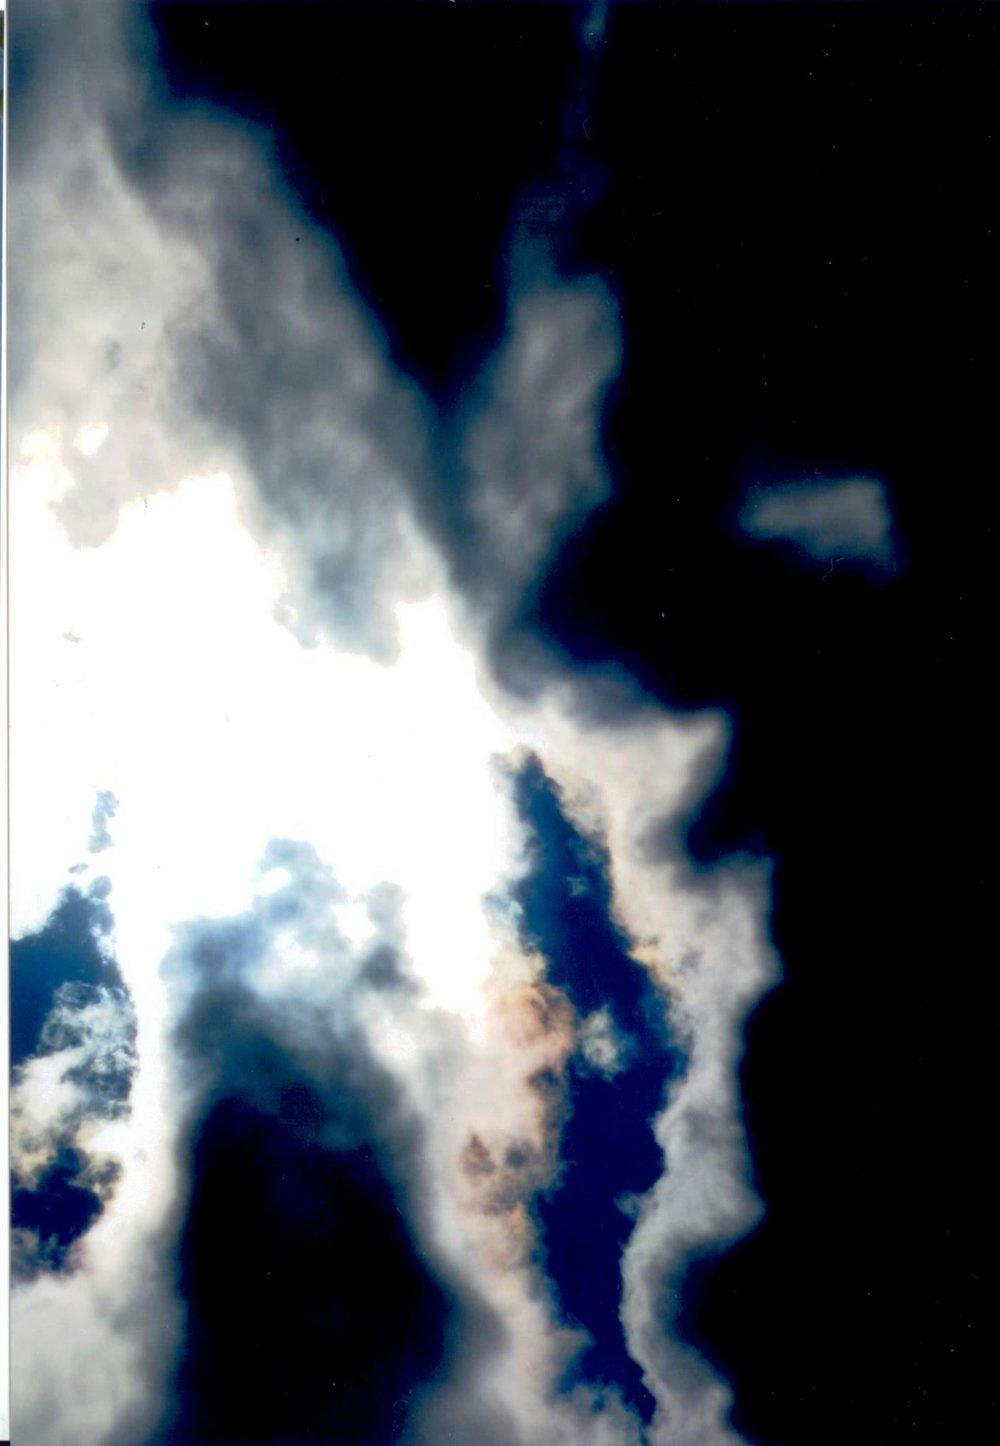 In questa foto I pignolati sono rimasti a bocca aperta di vedere DIO UNIVERSALE sulla terra di portali alla giustizia. Sono finiti di usare il popolo non c'e' perdono. Fate le valigia e andate via per l'eternità.